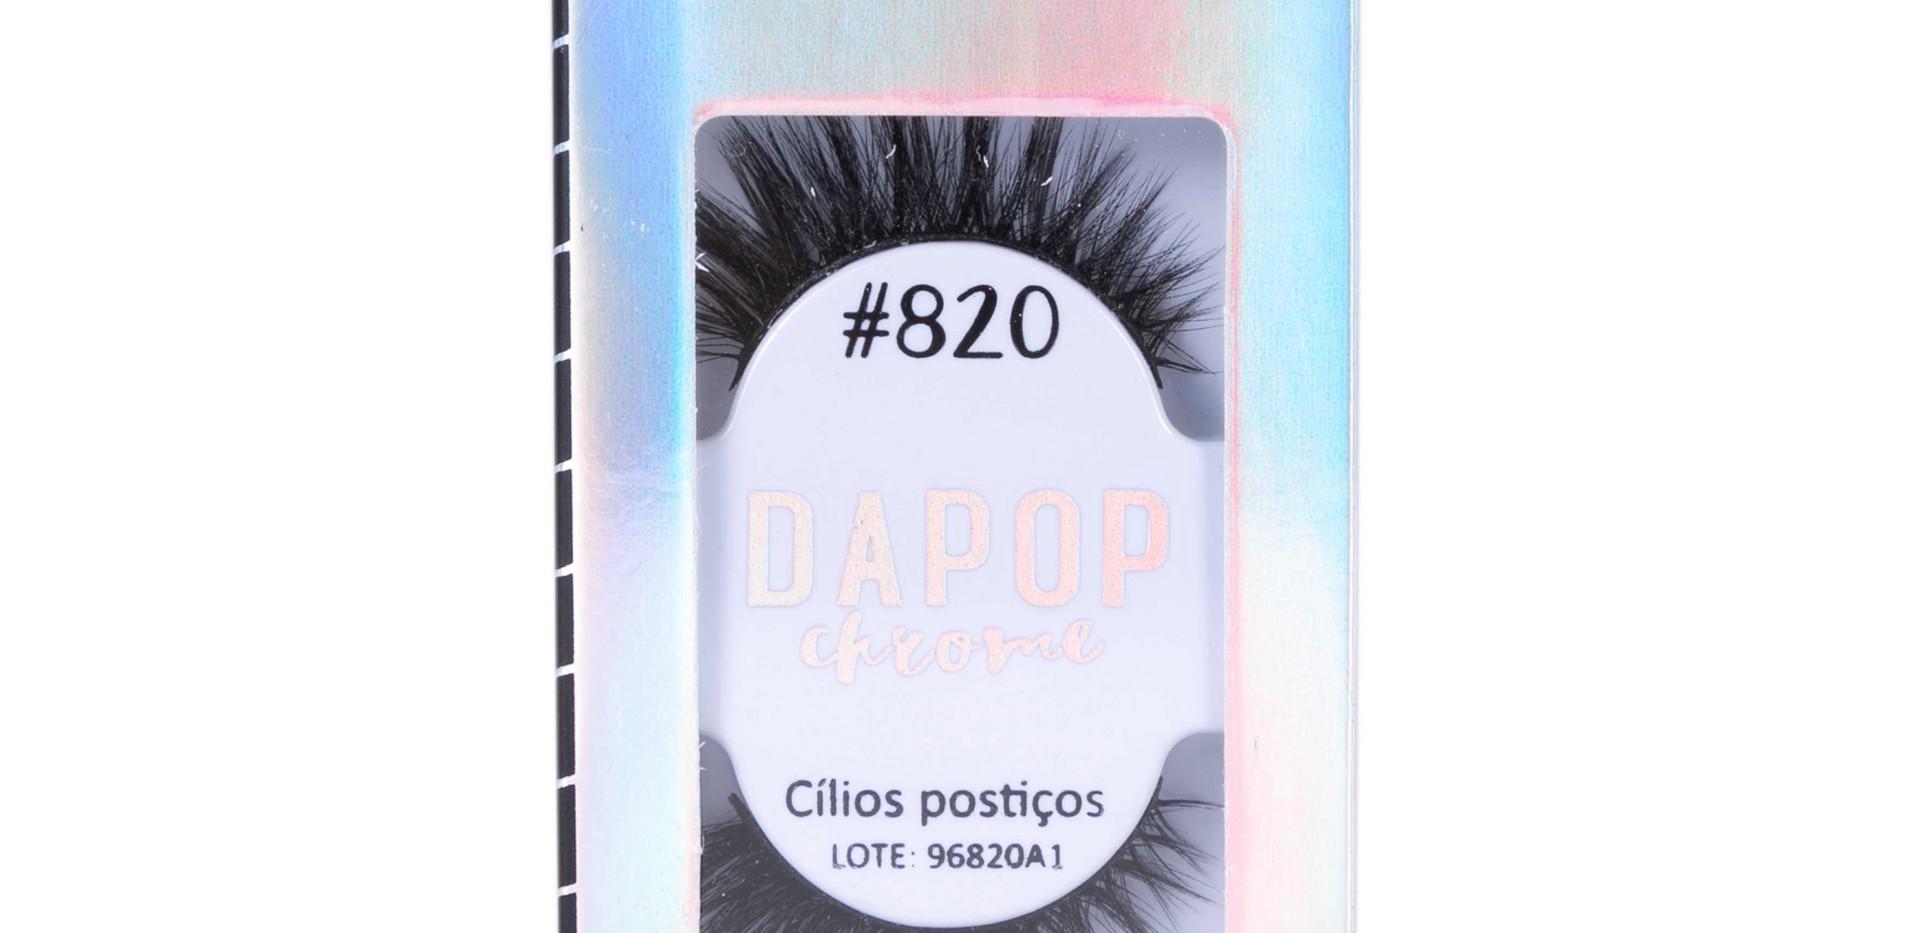 Cílios Postiços Premium #820 Dapop - HB96820 (3)